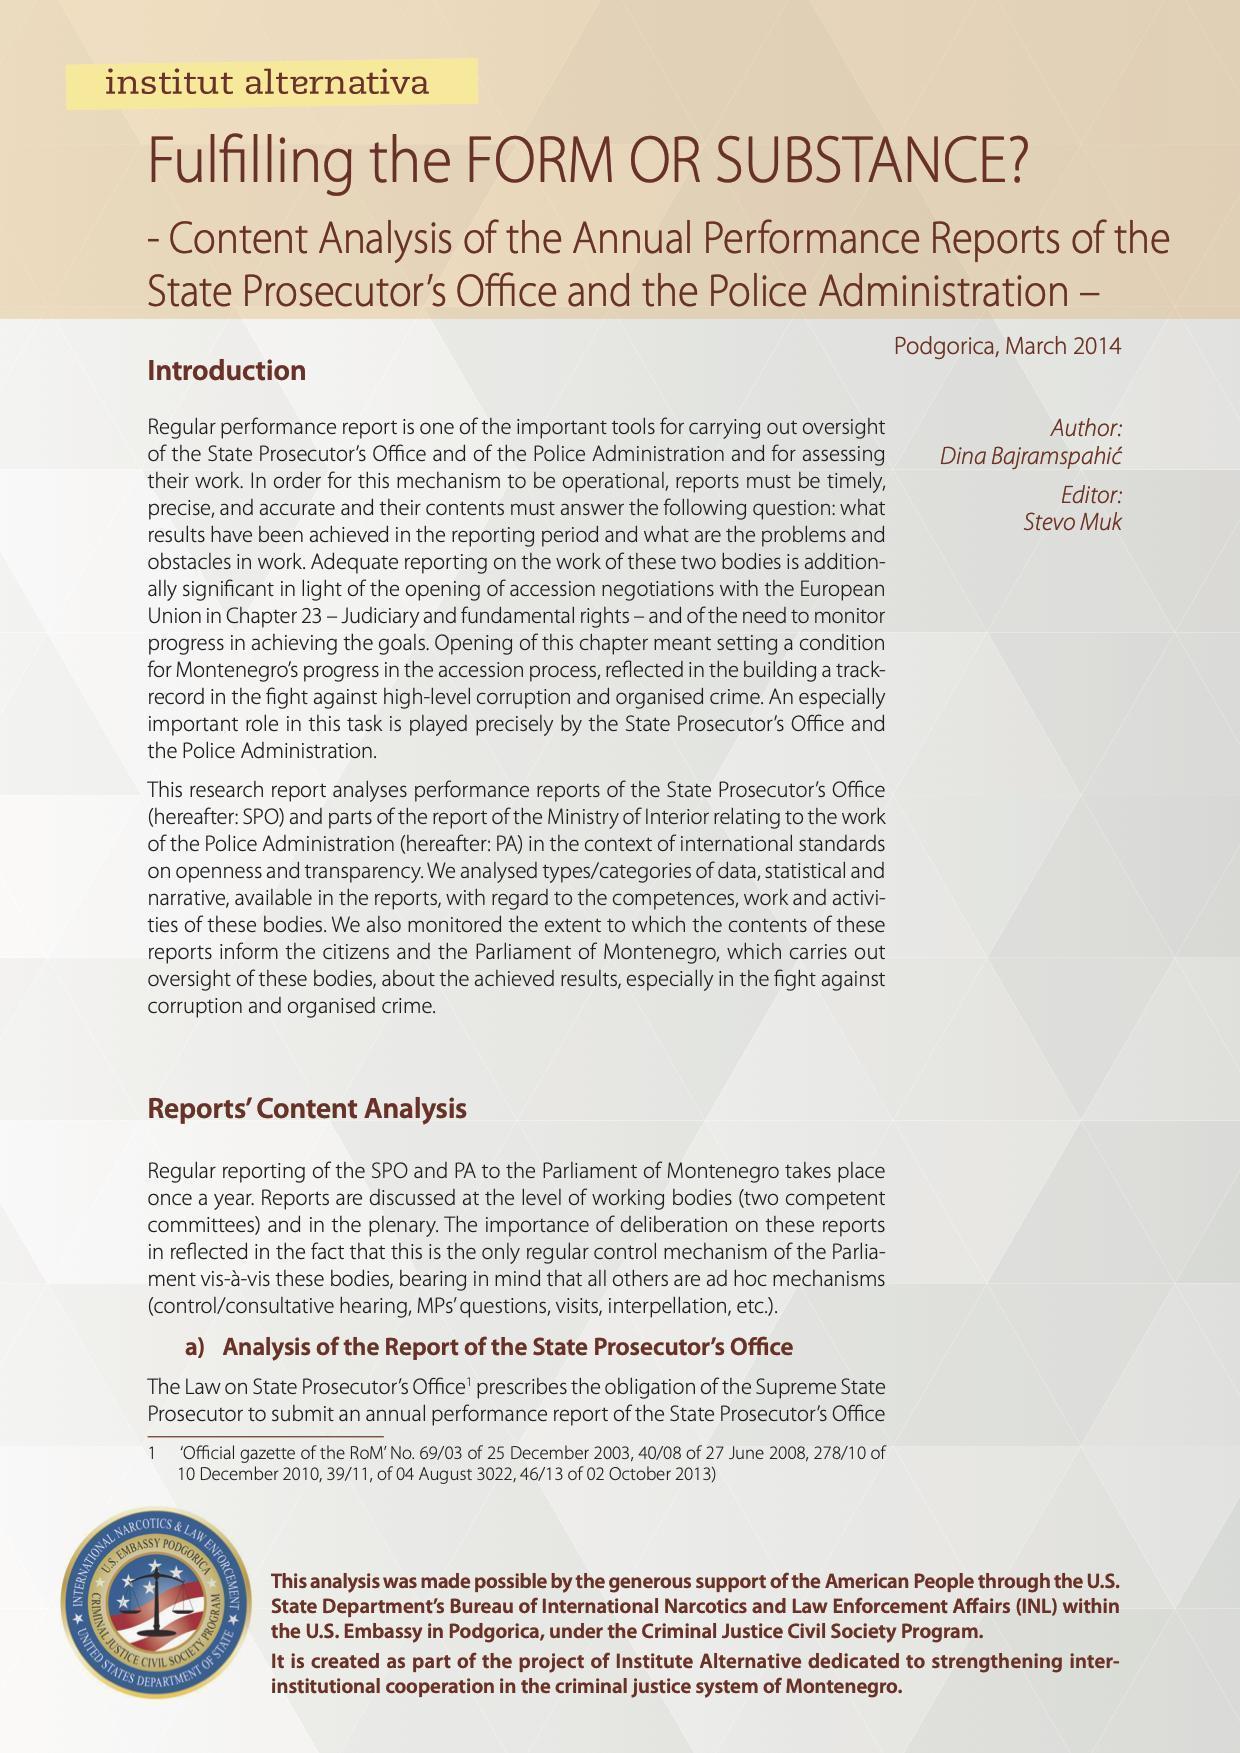 Zadovoljena FORMA ILI SUŠTINA? - Analiza sadržine godišnjih izvještaja o radu Državnog tužilaštva i Uprave policije